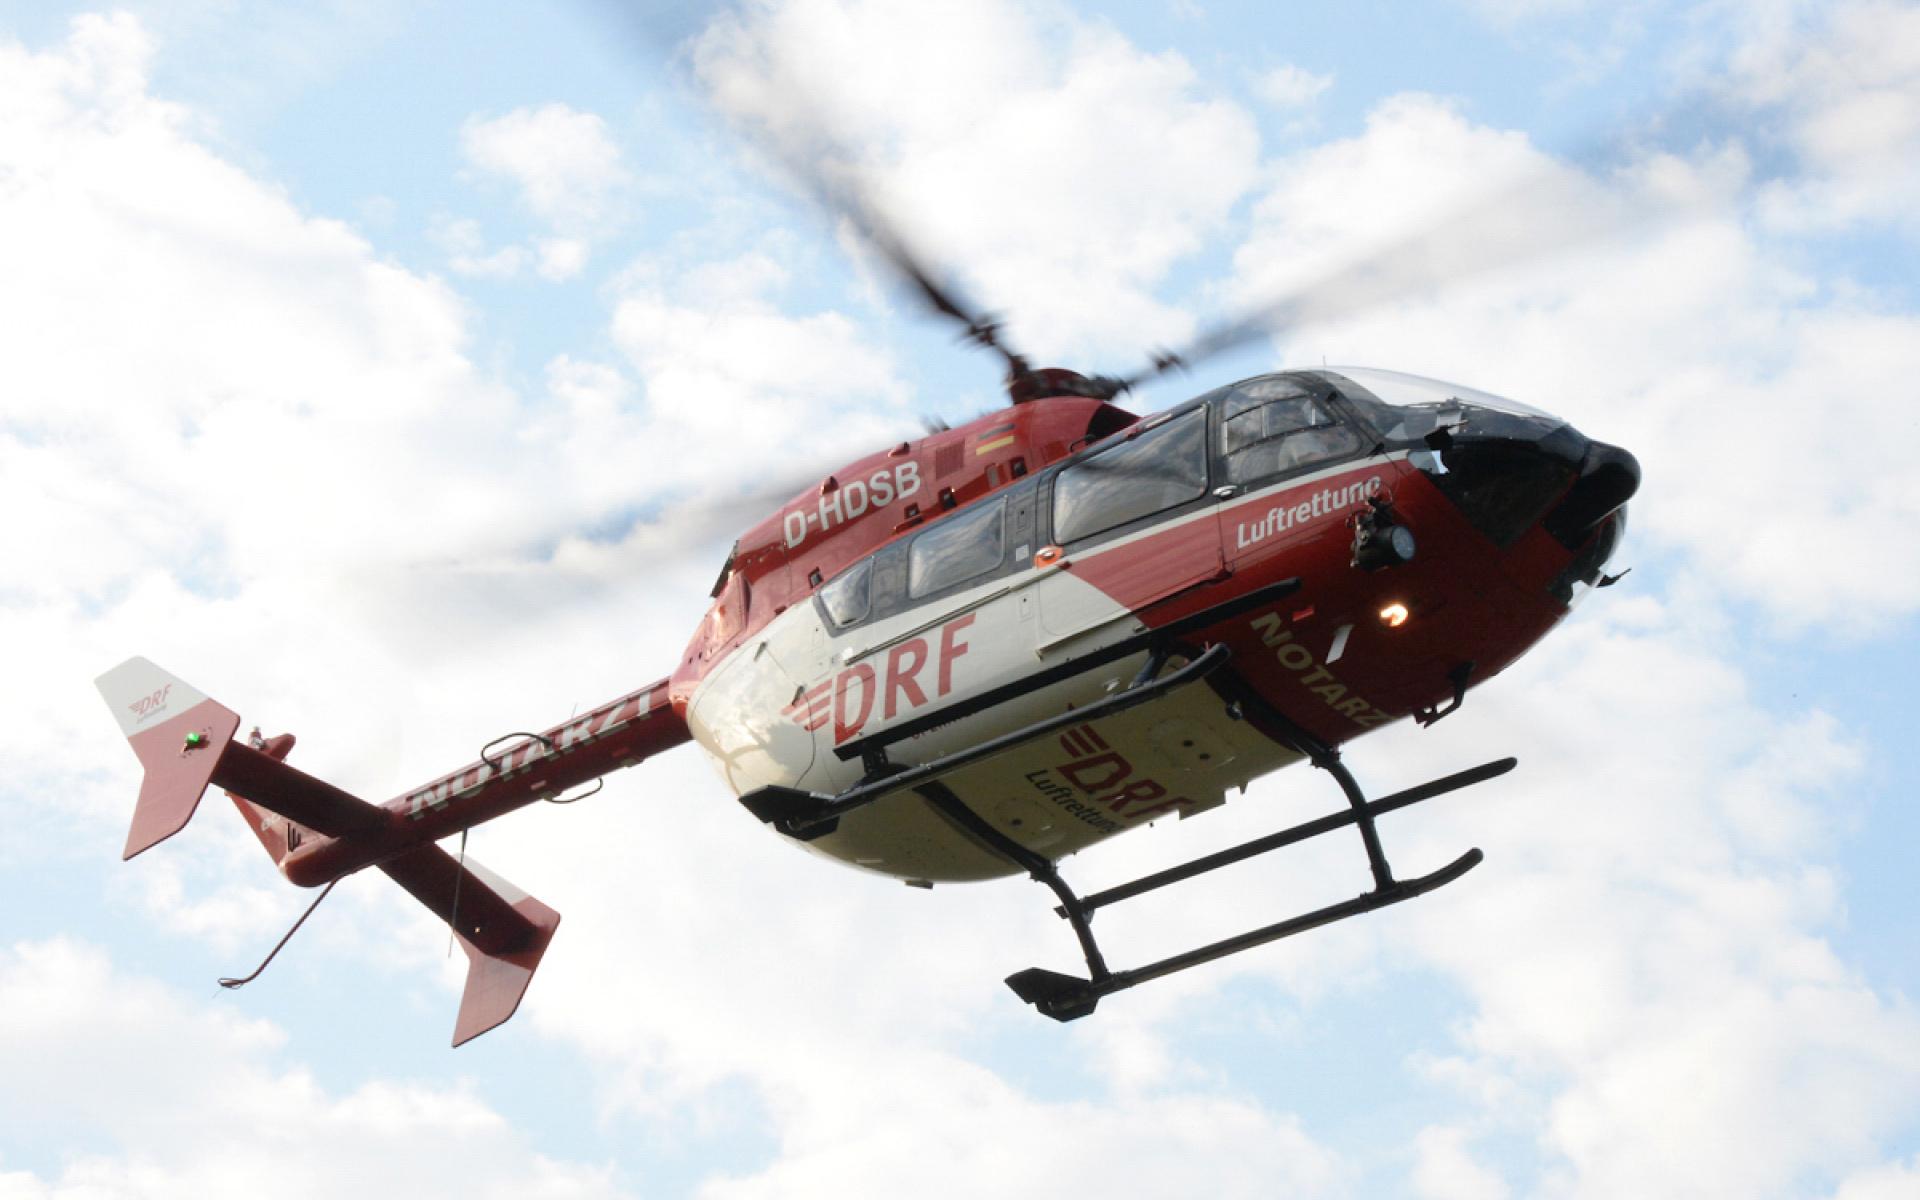 Ein Mann musste schnellstmöglich in eine Spezialklinik geflogen werden, weil er an einer lebensgefährlichen Hirnblutung litt. Christoph 51 der DRF Luftrettung wurde für den Transport alarmiert. Symbolbild.